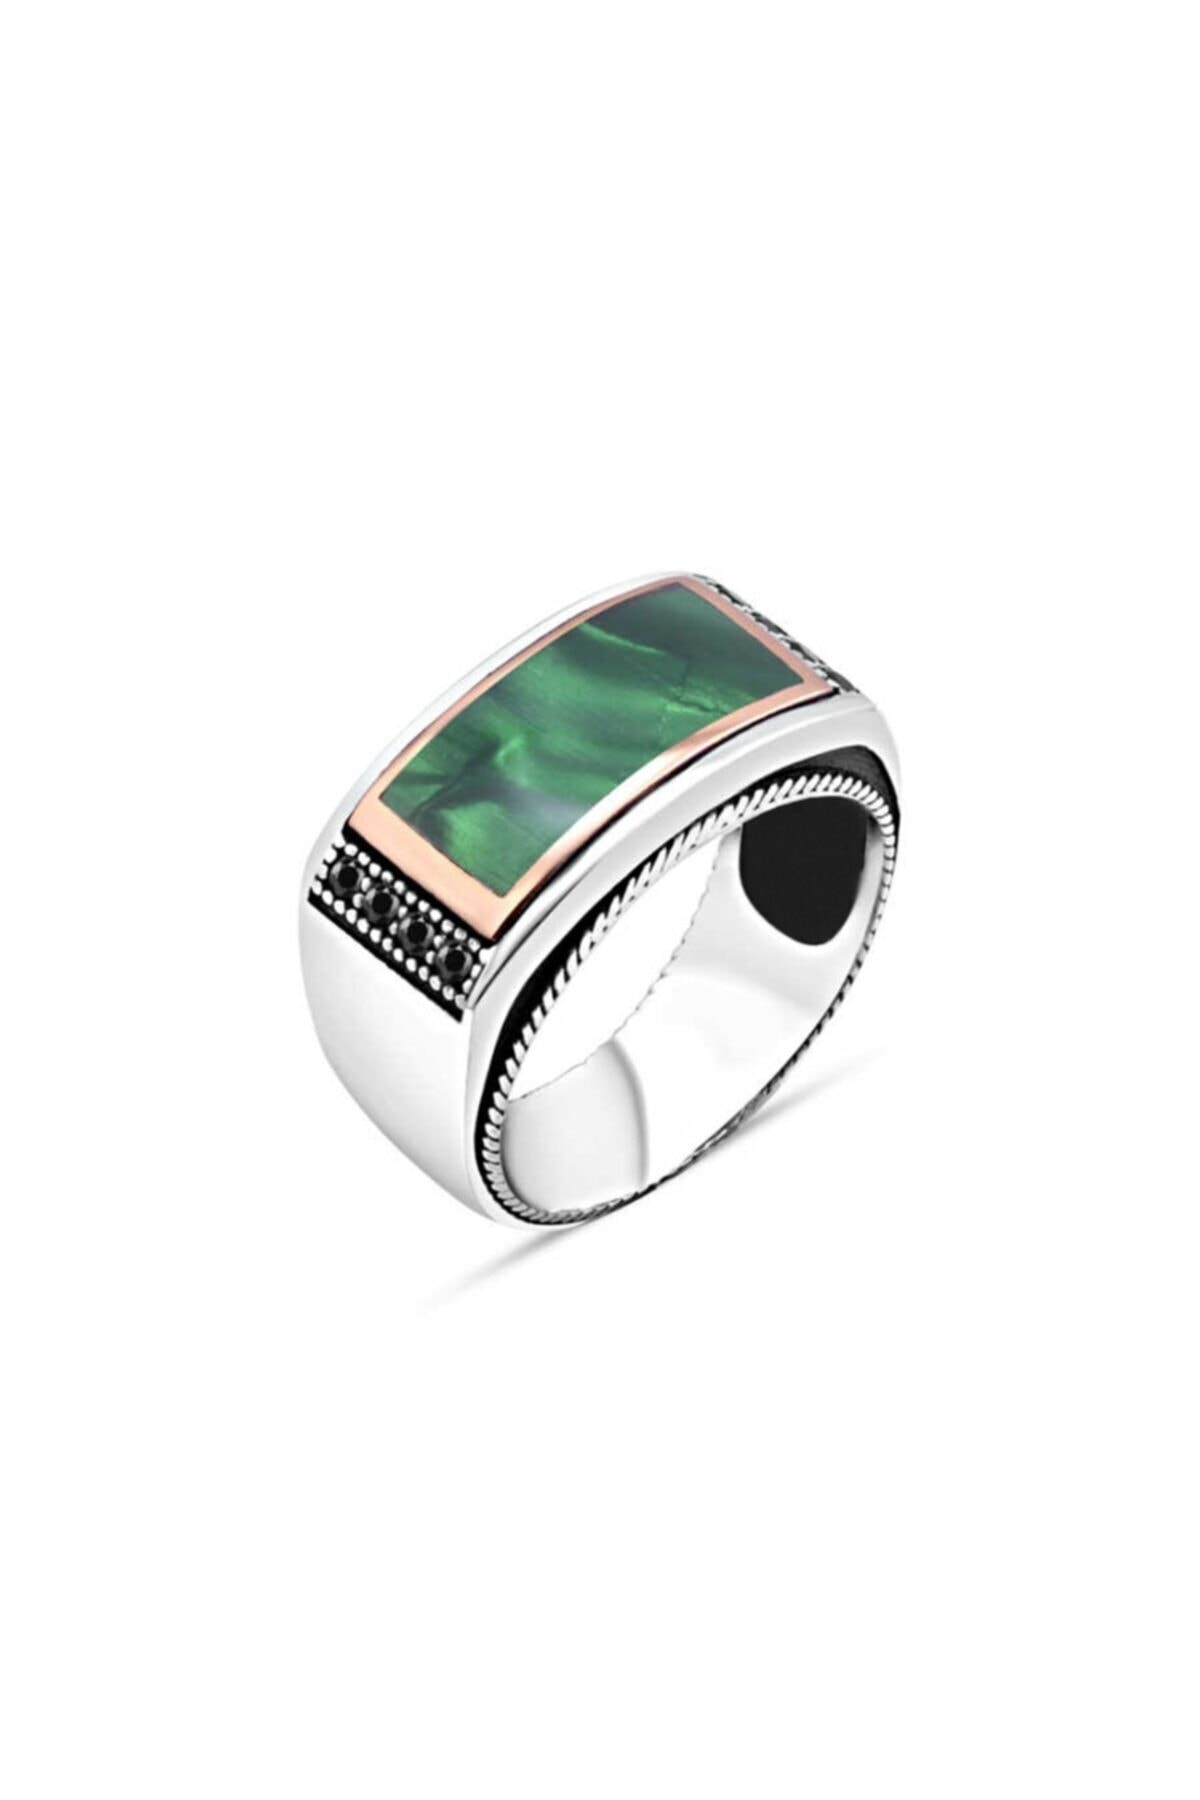 SilverPlus Erkek Yeşil Mineli Kenarları Siyah Zirkon Taşlı Gümüş Yüzük KG1112